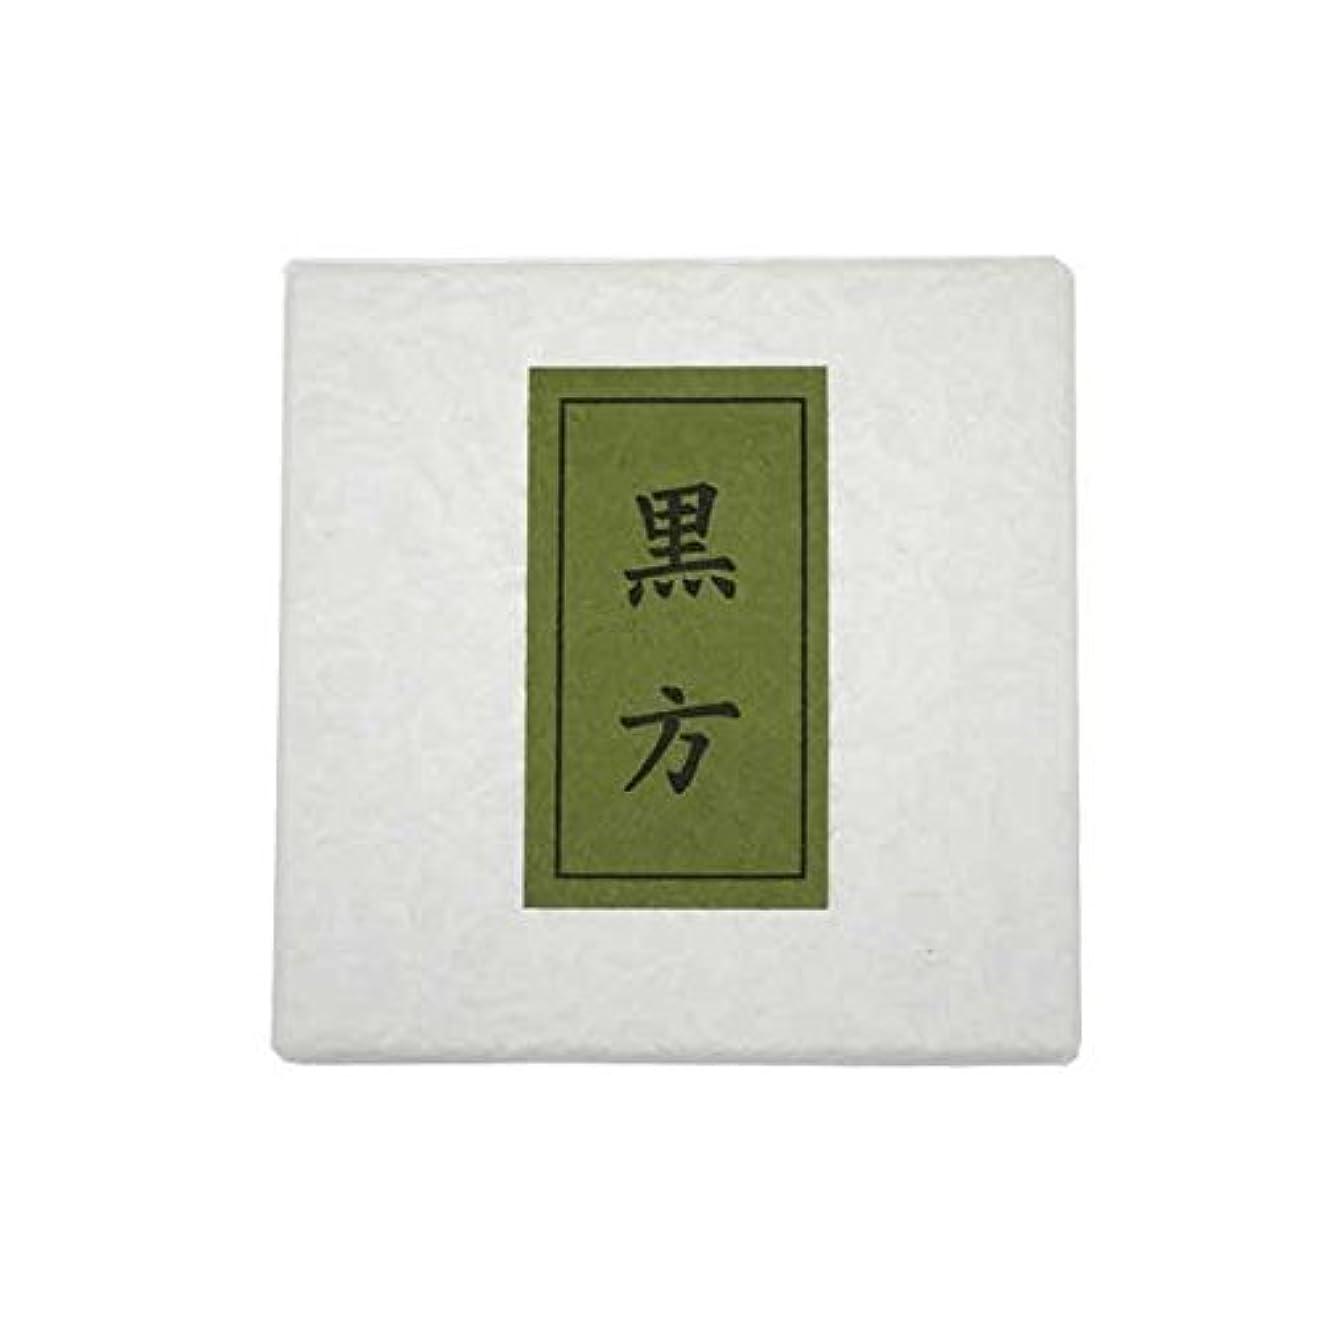 兄弟愛プリーツヒール黒方 紙箱入(ビニール入)